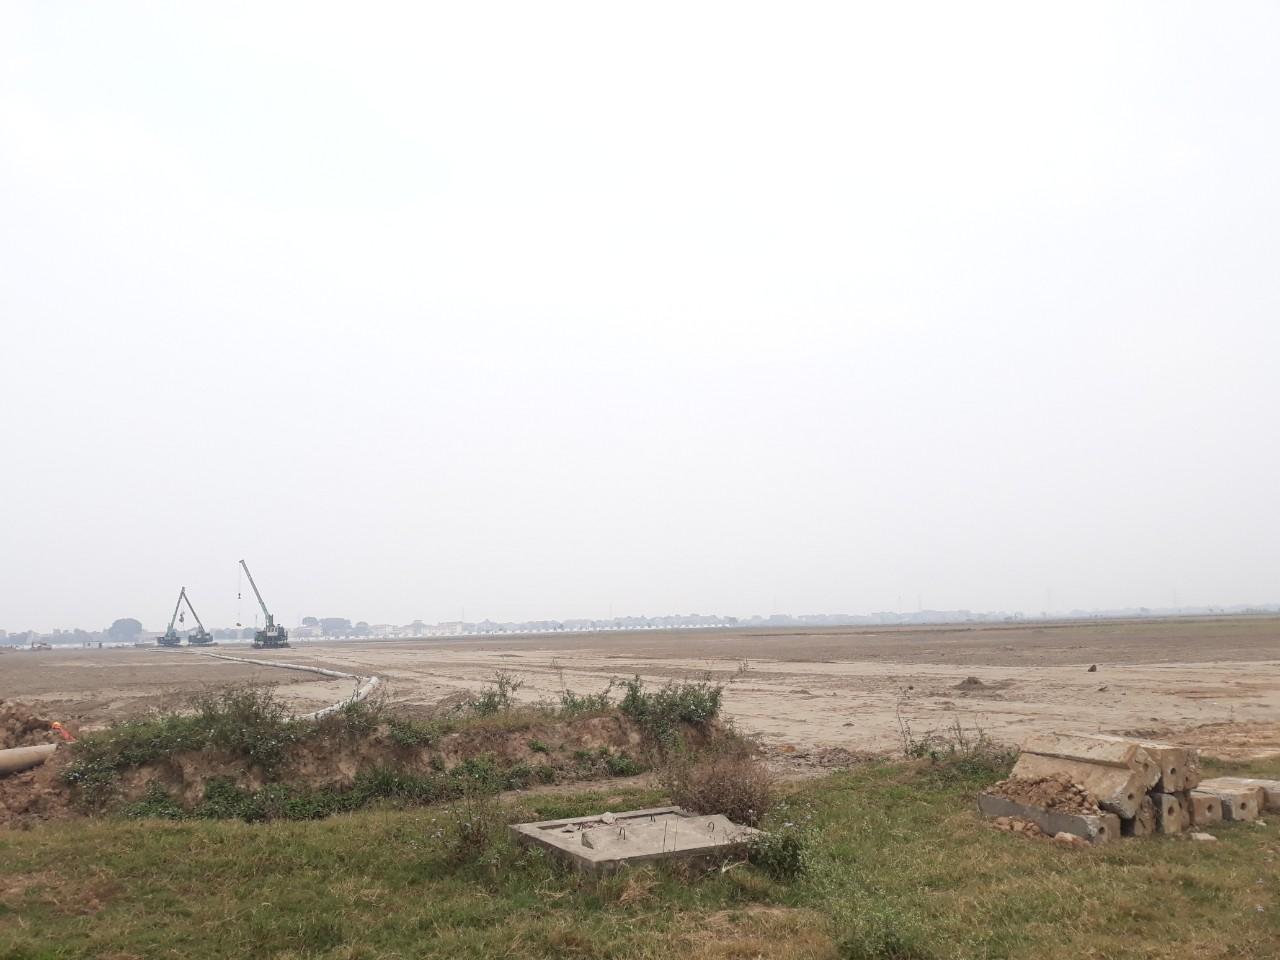 HÀNG HIẾM! đất cụm CN Đại Lâm Bắc Giang, dt 3000-5000-1ha…giá chỉ 60$/m2 . LH 0988 457 392